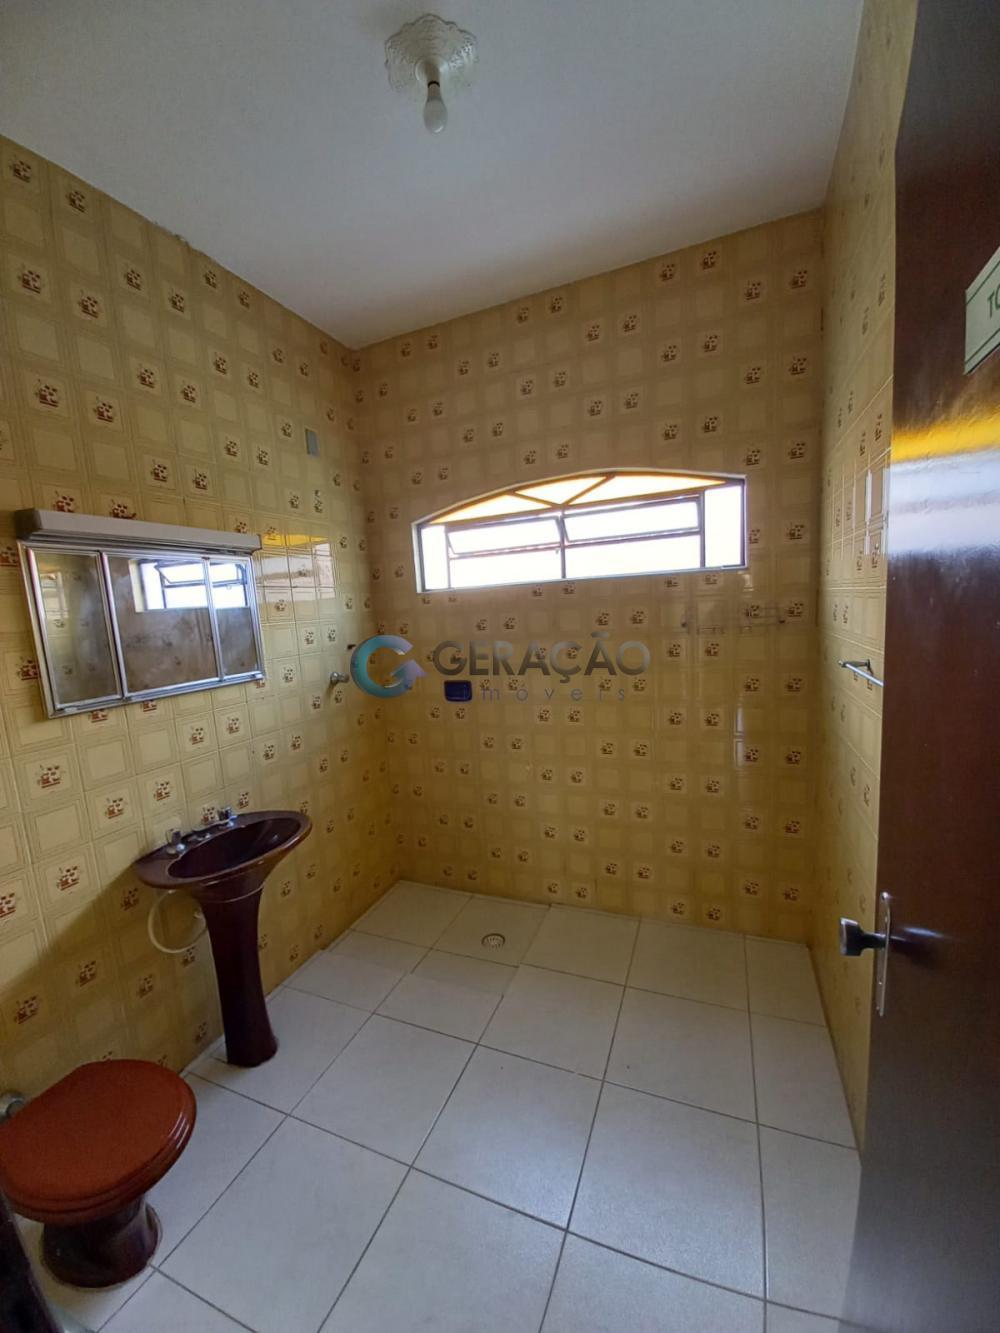 Alugar Comercial / Ponto Comercial em São José dos Campos R$ 1.400,00 - Foto 4